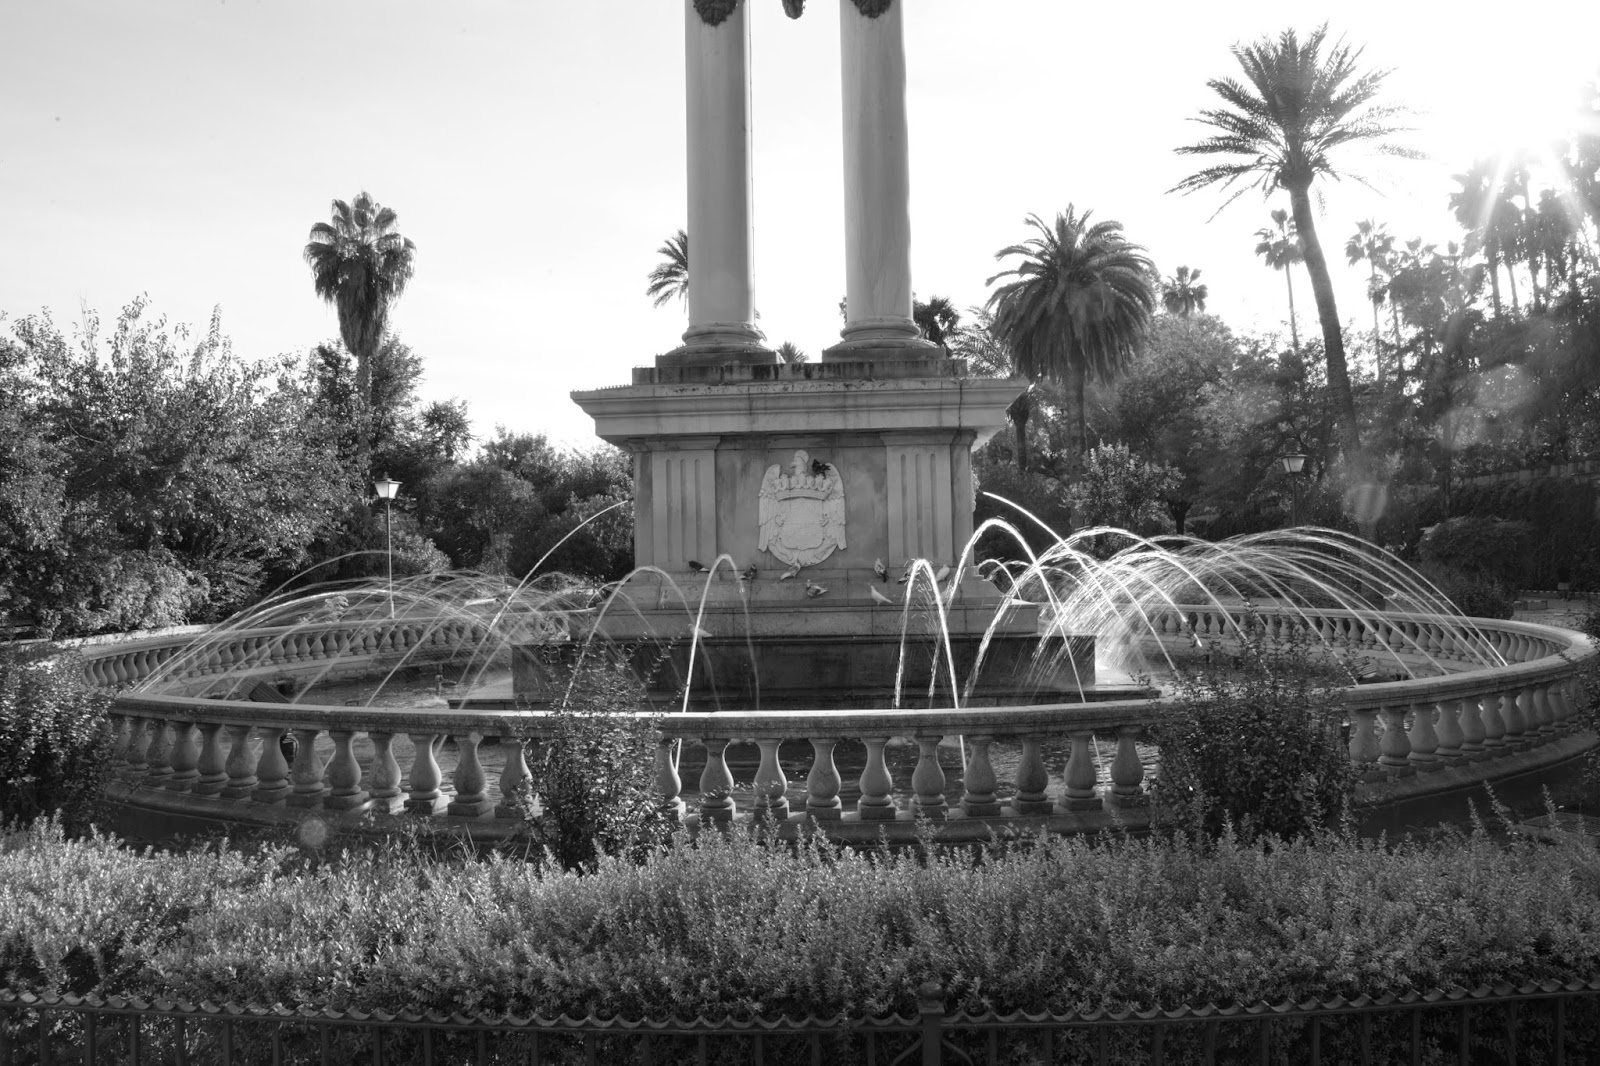 Águila y monumento a Colón en los jardines de Murillo en Sevilla